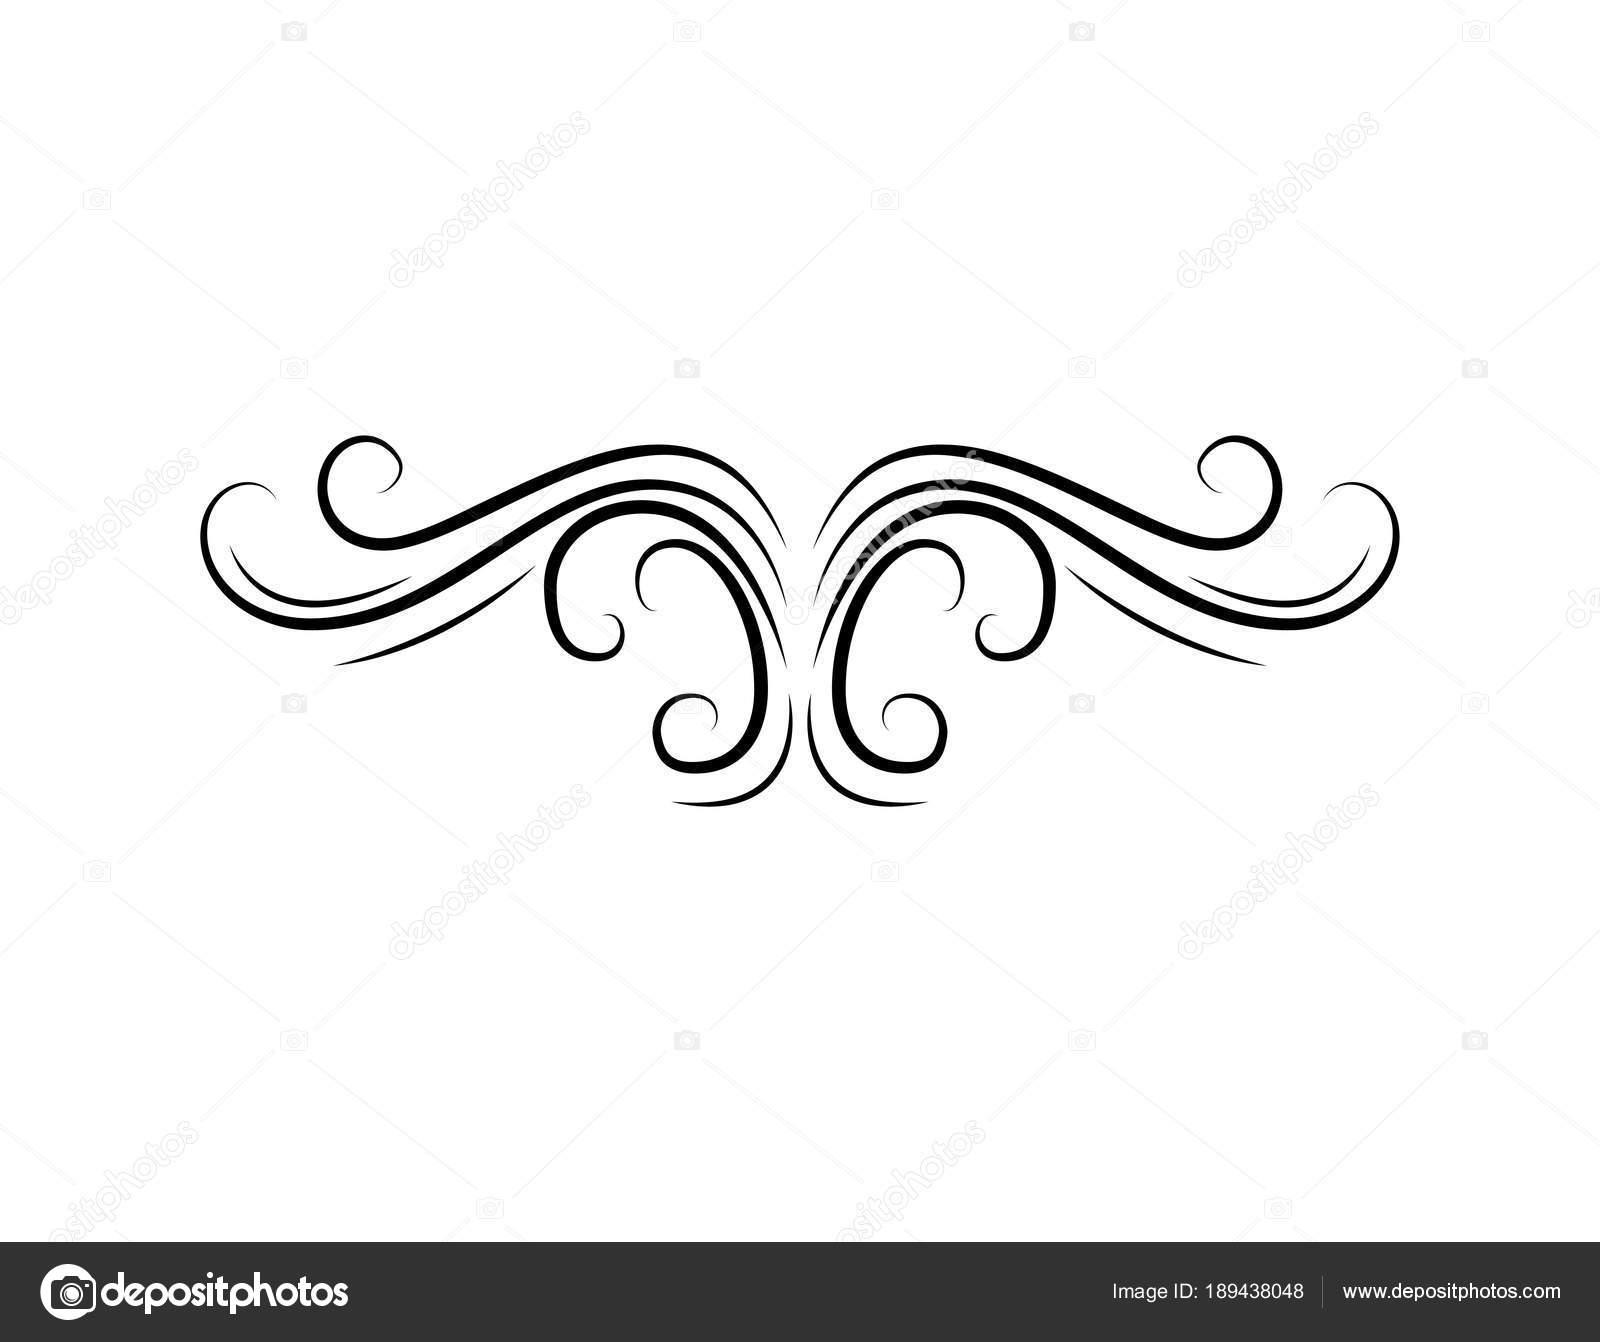 Decorative Floral Swirl Vintage Design Element Filigree